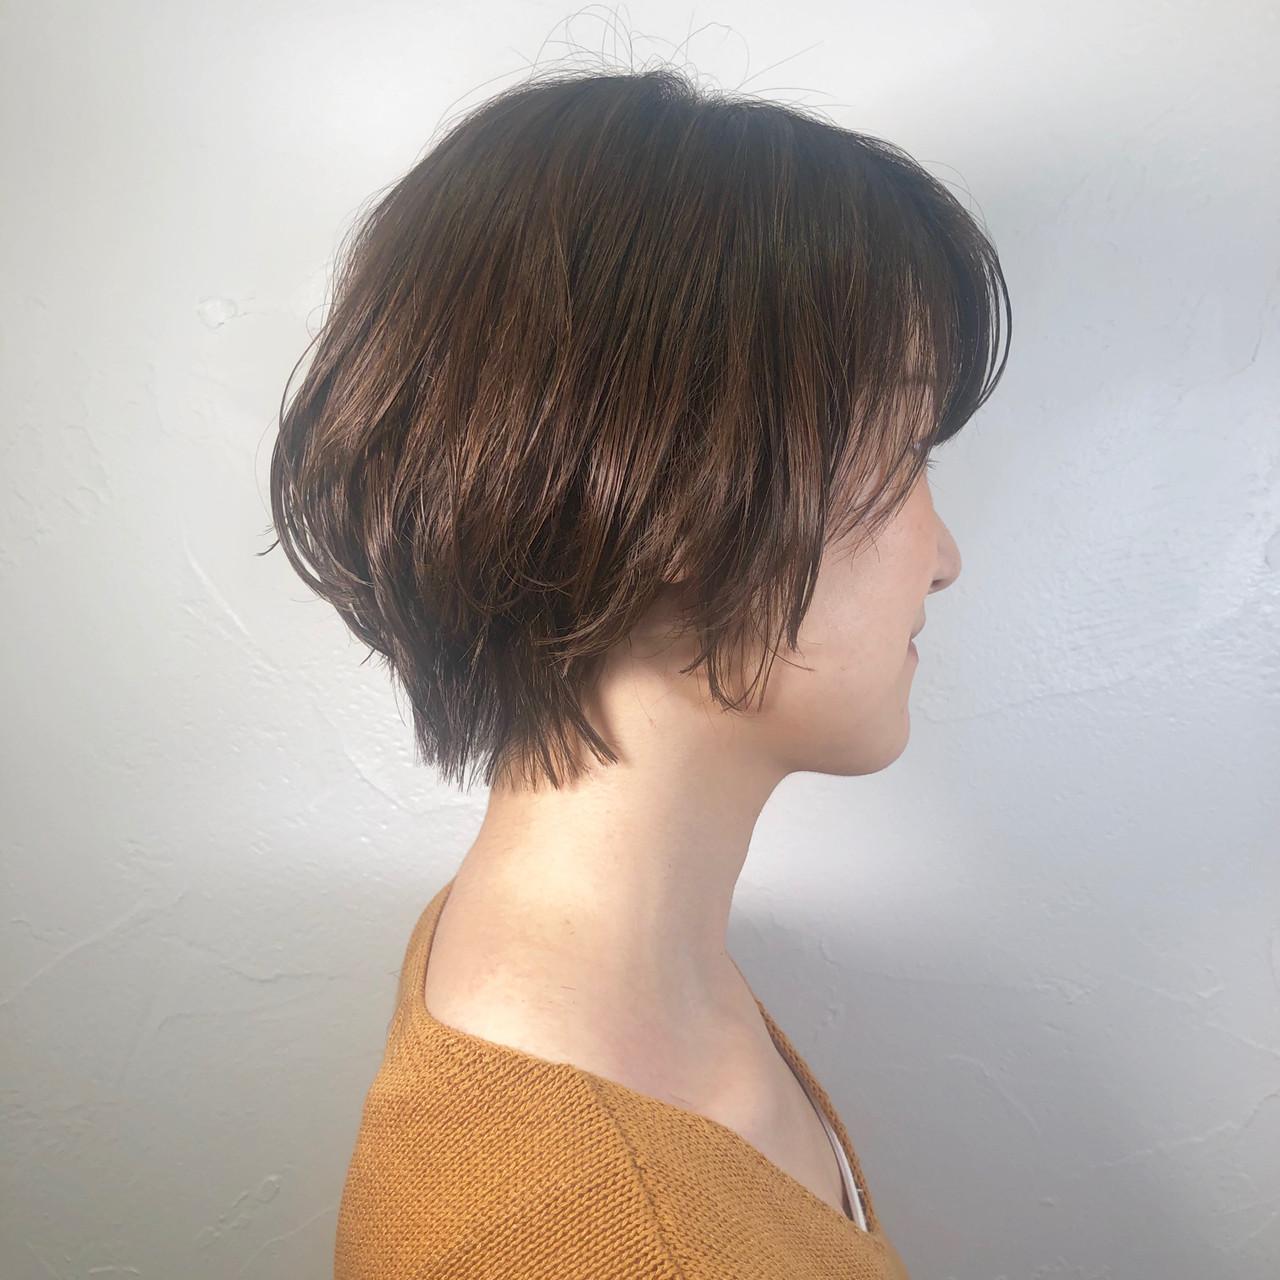 オフィス デート パーマ ショート ヘアスタイルや髪型の写真・画像 | ヨシオカナミ / WILLOW〜shrothair&shortbob〜